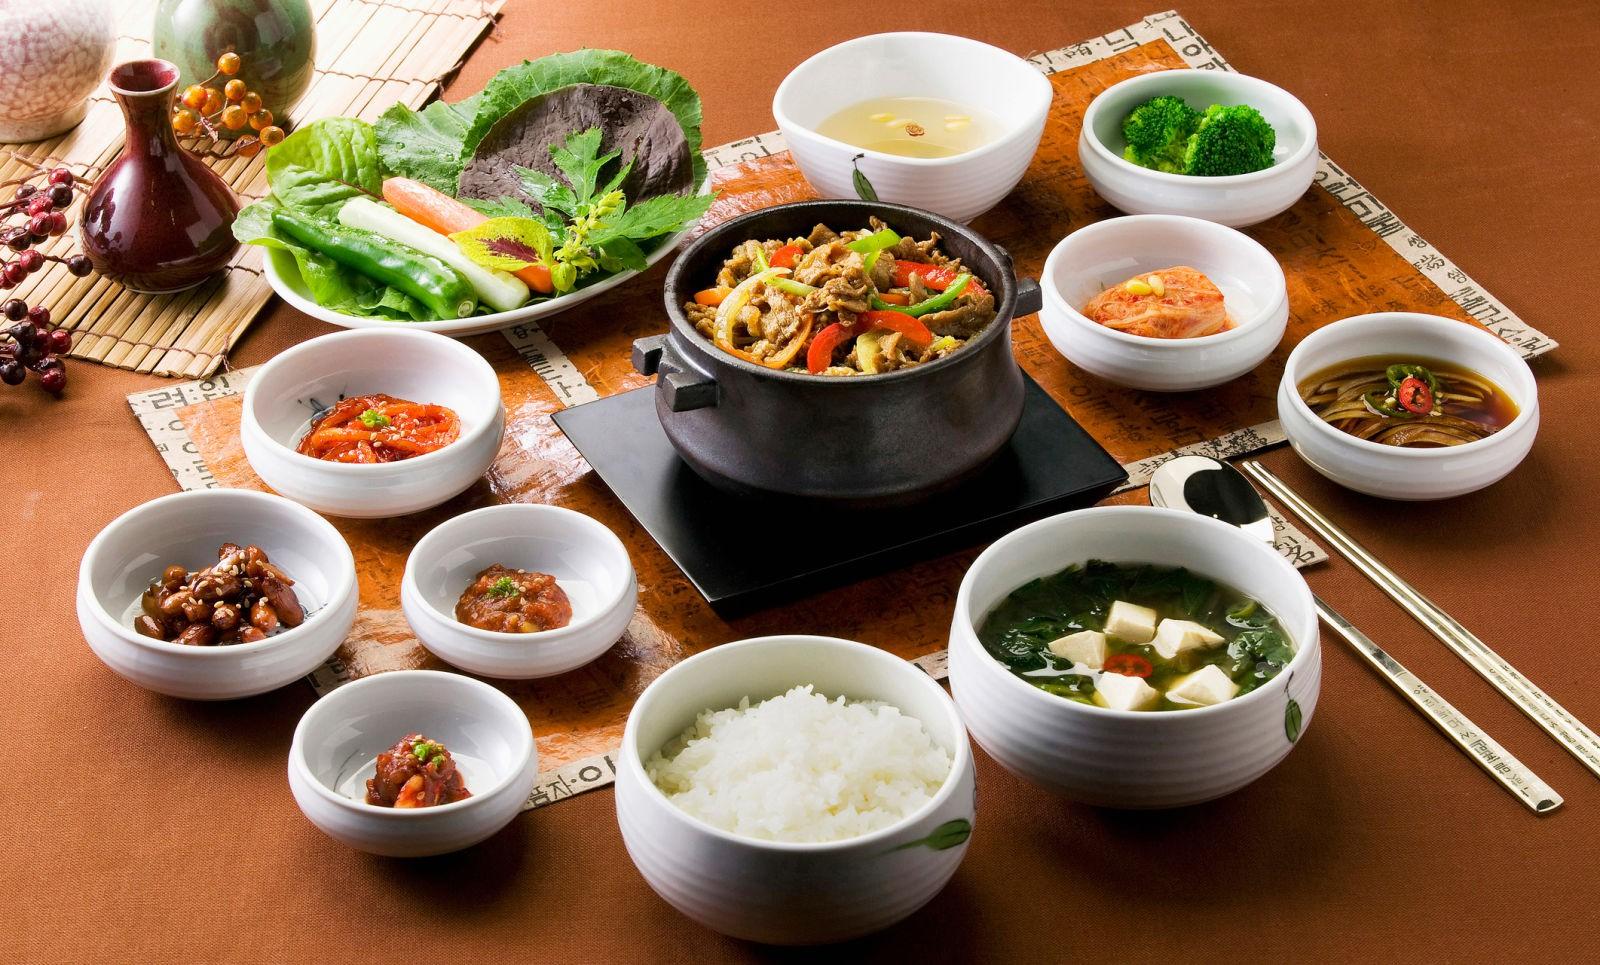 Người Hàn khi bị ốm: chỉ dùng thuốc khi thức ăn chữa không hết bệnh - Ảnh 1.